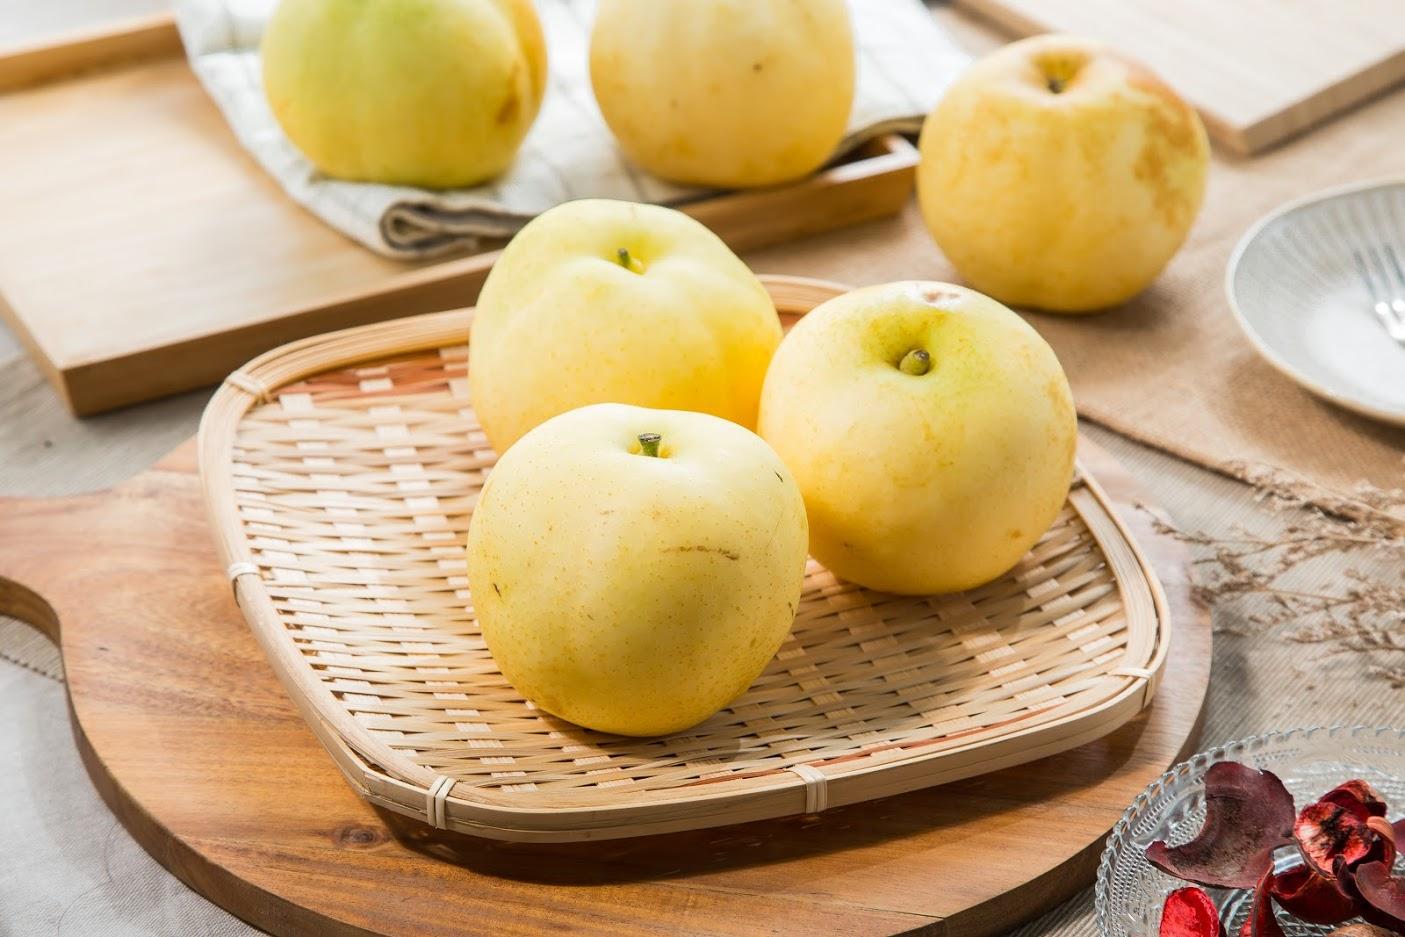 台灣梨子介紹|高接梨到底是什麼?梨子有哪些常見品種